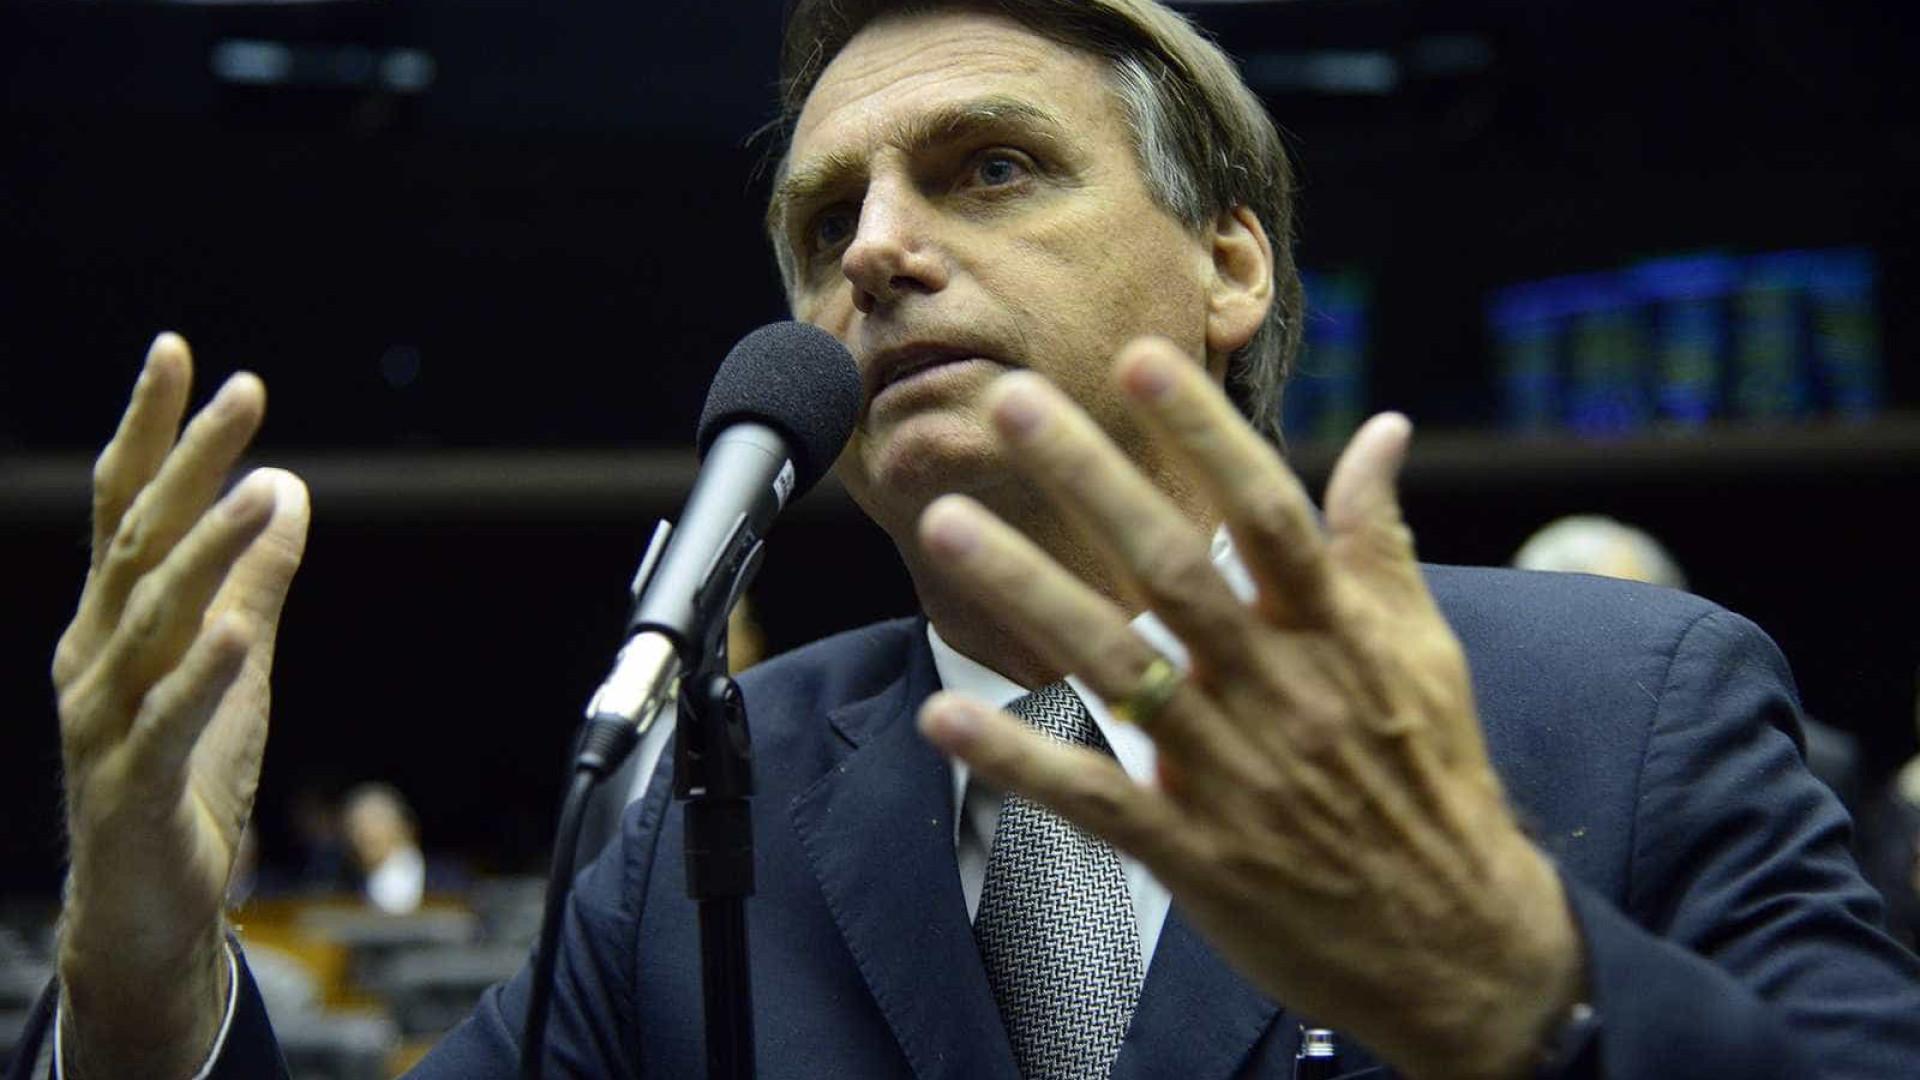 'Chega de frescura', diz Bolsonaro sobre polêmica com criança e arma